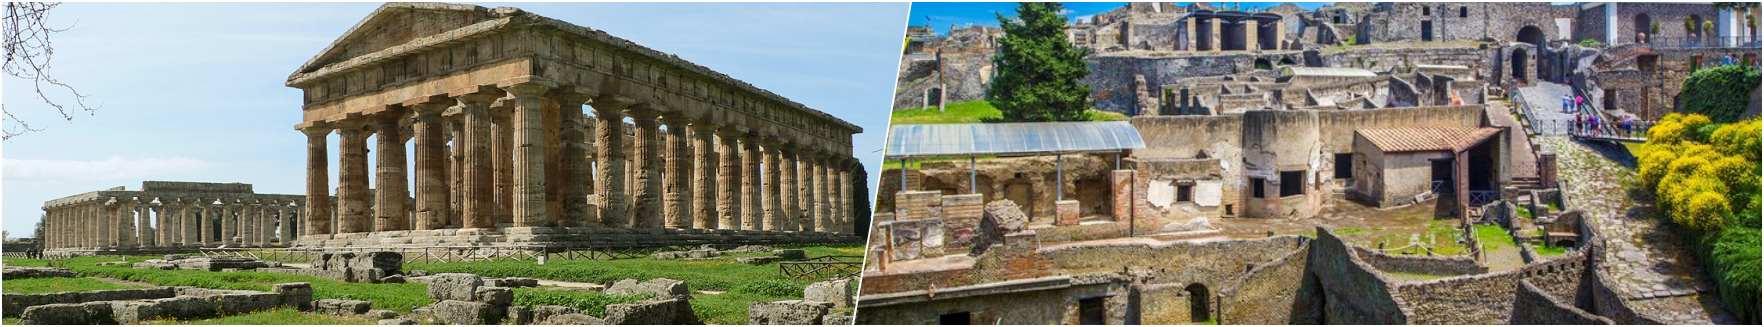 Paestum_Pompeii